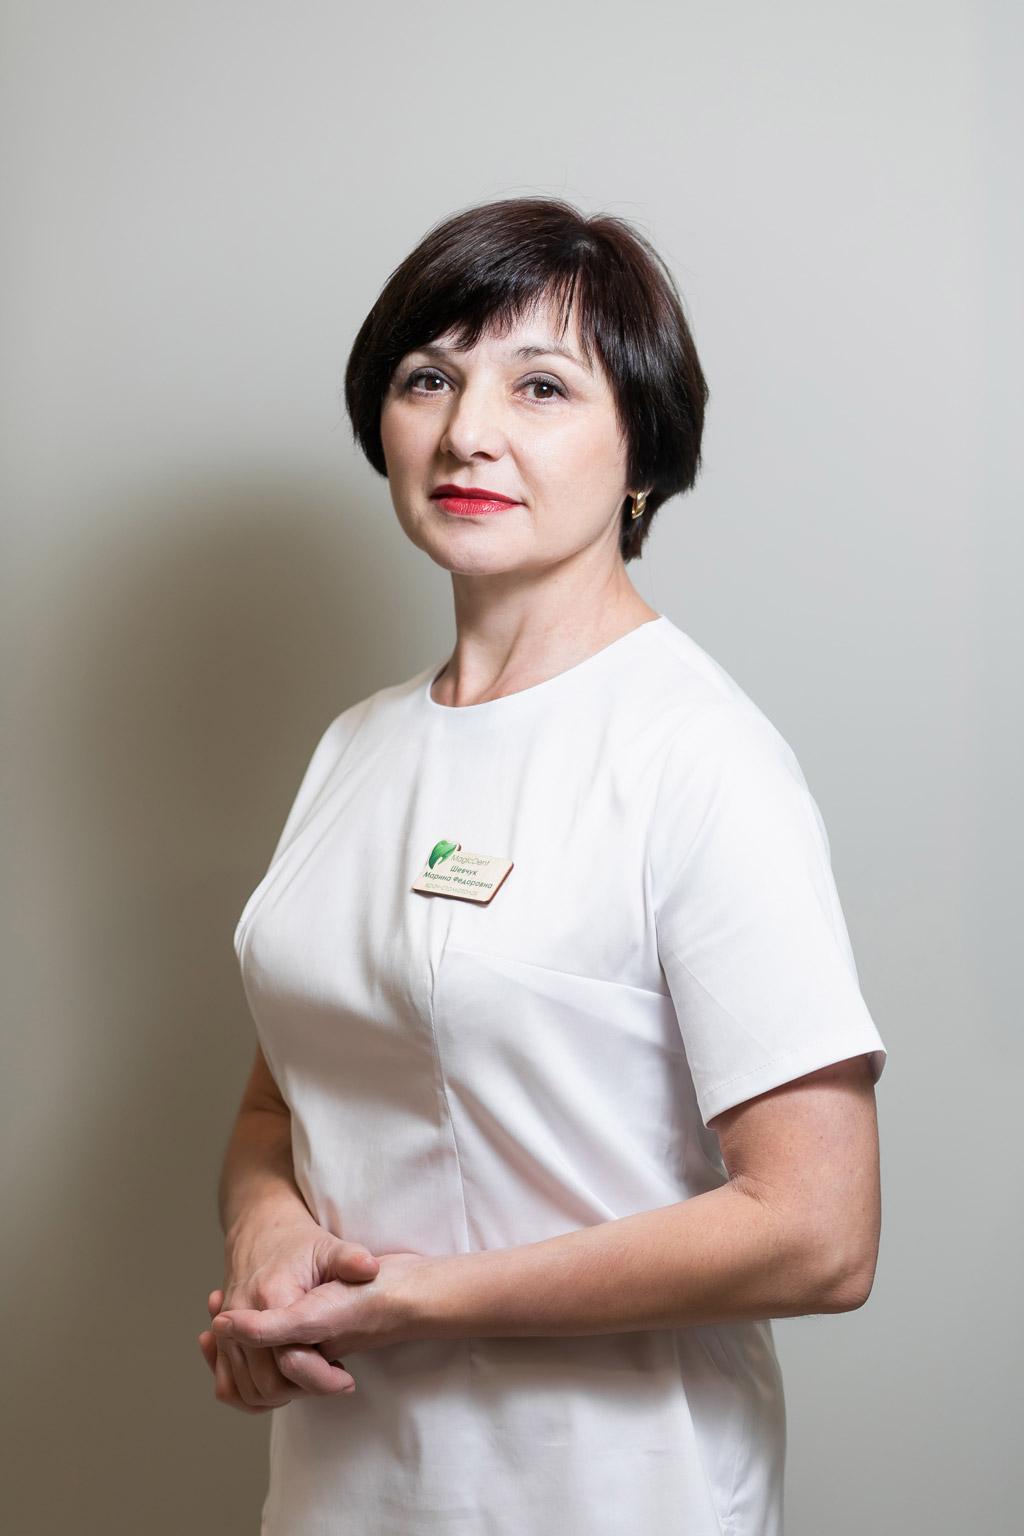 Шевчук Марина Федоровна - стоматолог-имплантолог, стоматолог-хирург Сочи